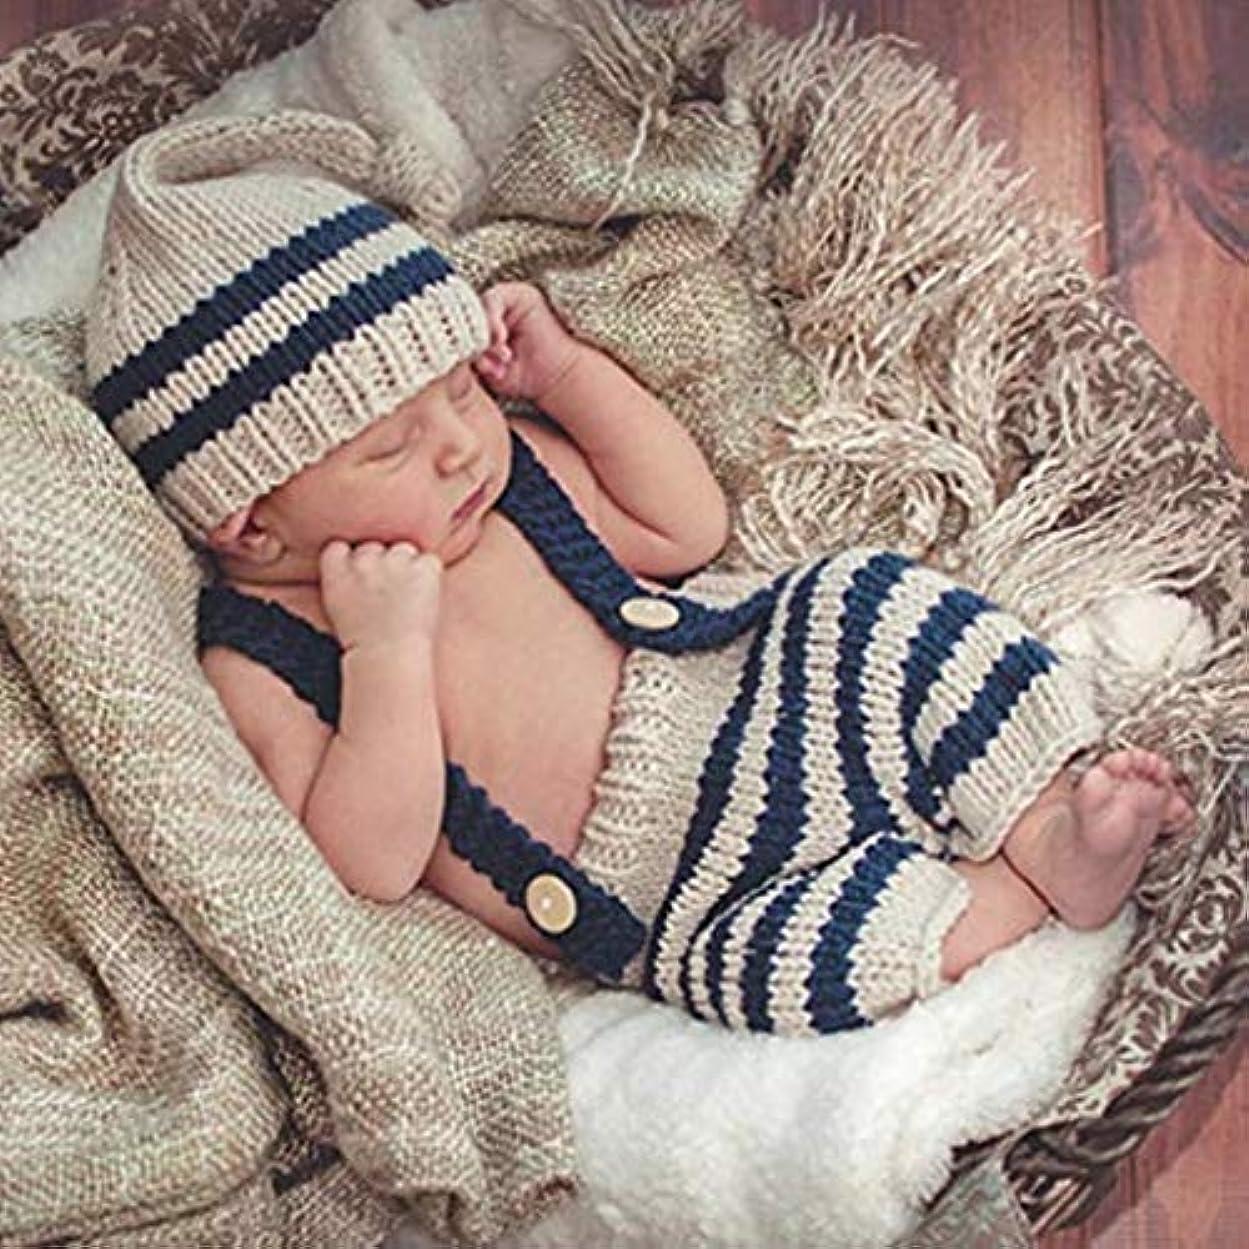 スノーケルうぬぼれた竜巻SMT ベビーコスチューム ベビー着ぐるみ ベビー 赤ちゃん 新生児 コスプレ衣装 コスチューム 着ぐるみ 寝相アート (ひよこ)